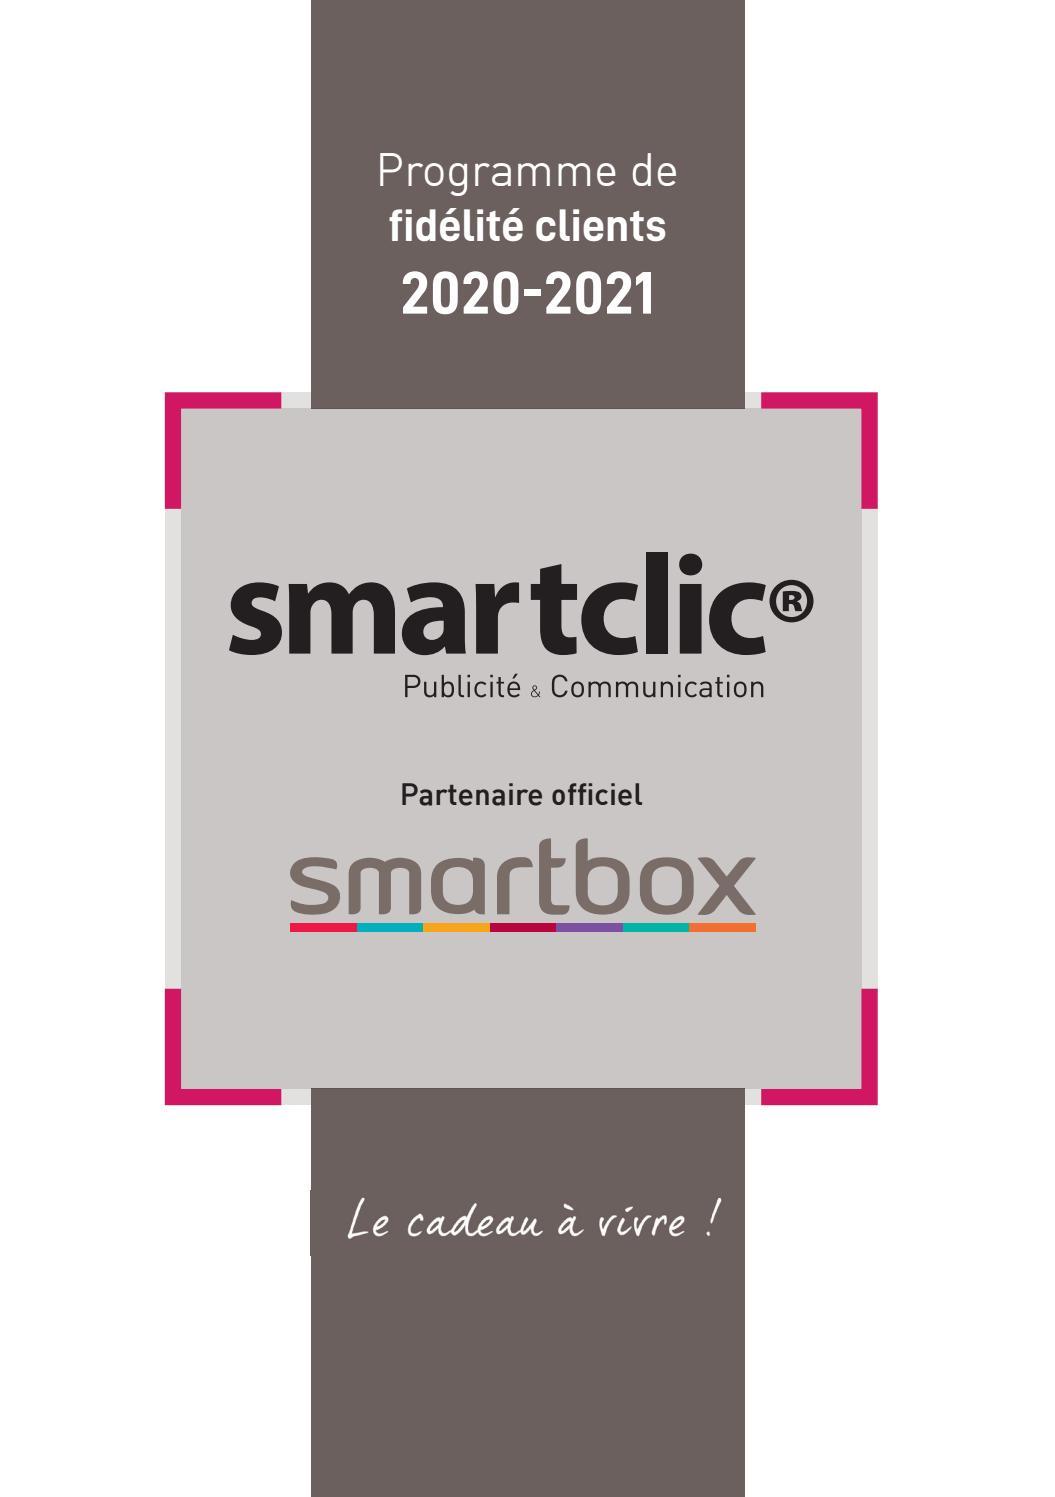 Mille Et Une Nuit De Charme Smartbox : mille, charme, smartbox, Catalogue, Fidélité, Smartbox, 2020-2021, SMART, FRANCE, Issuu